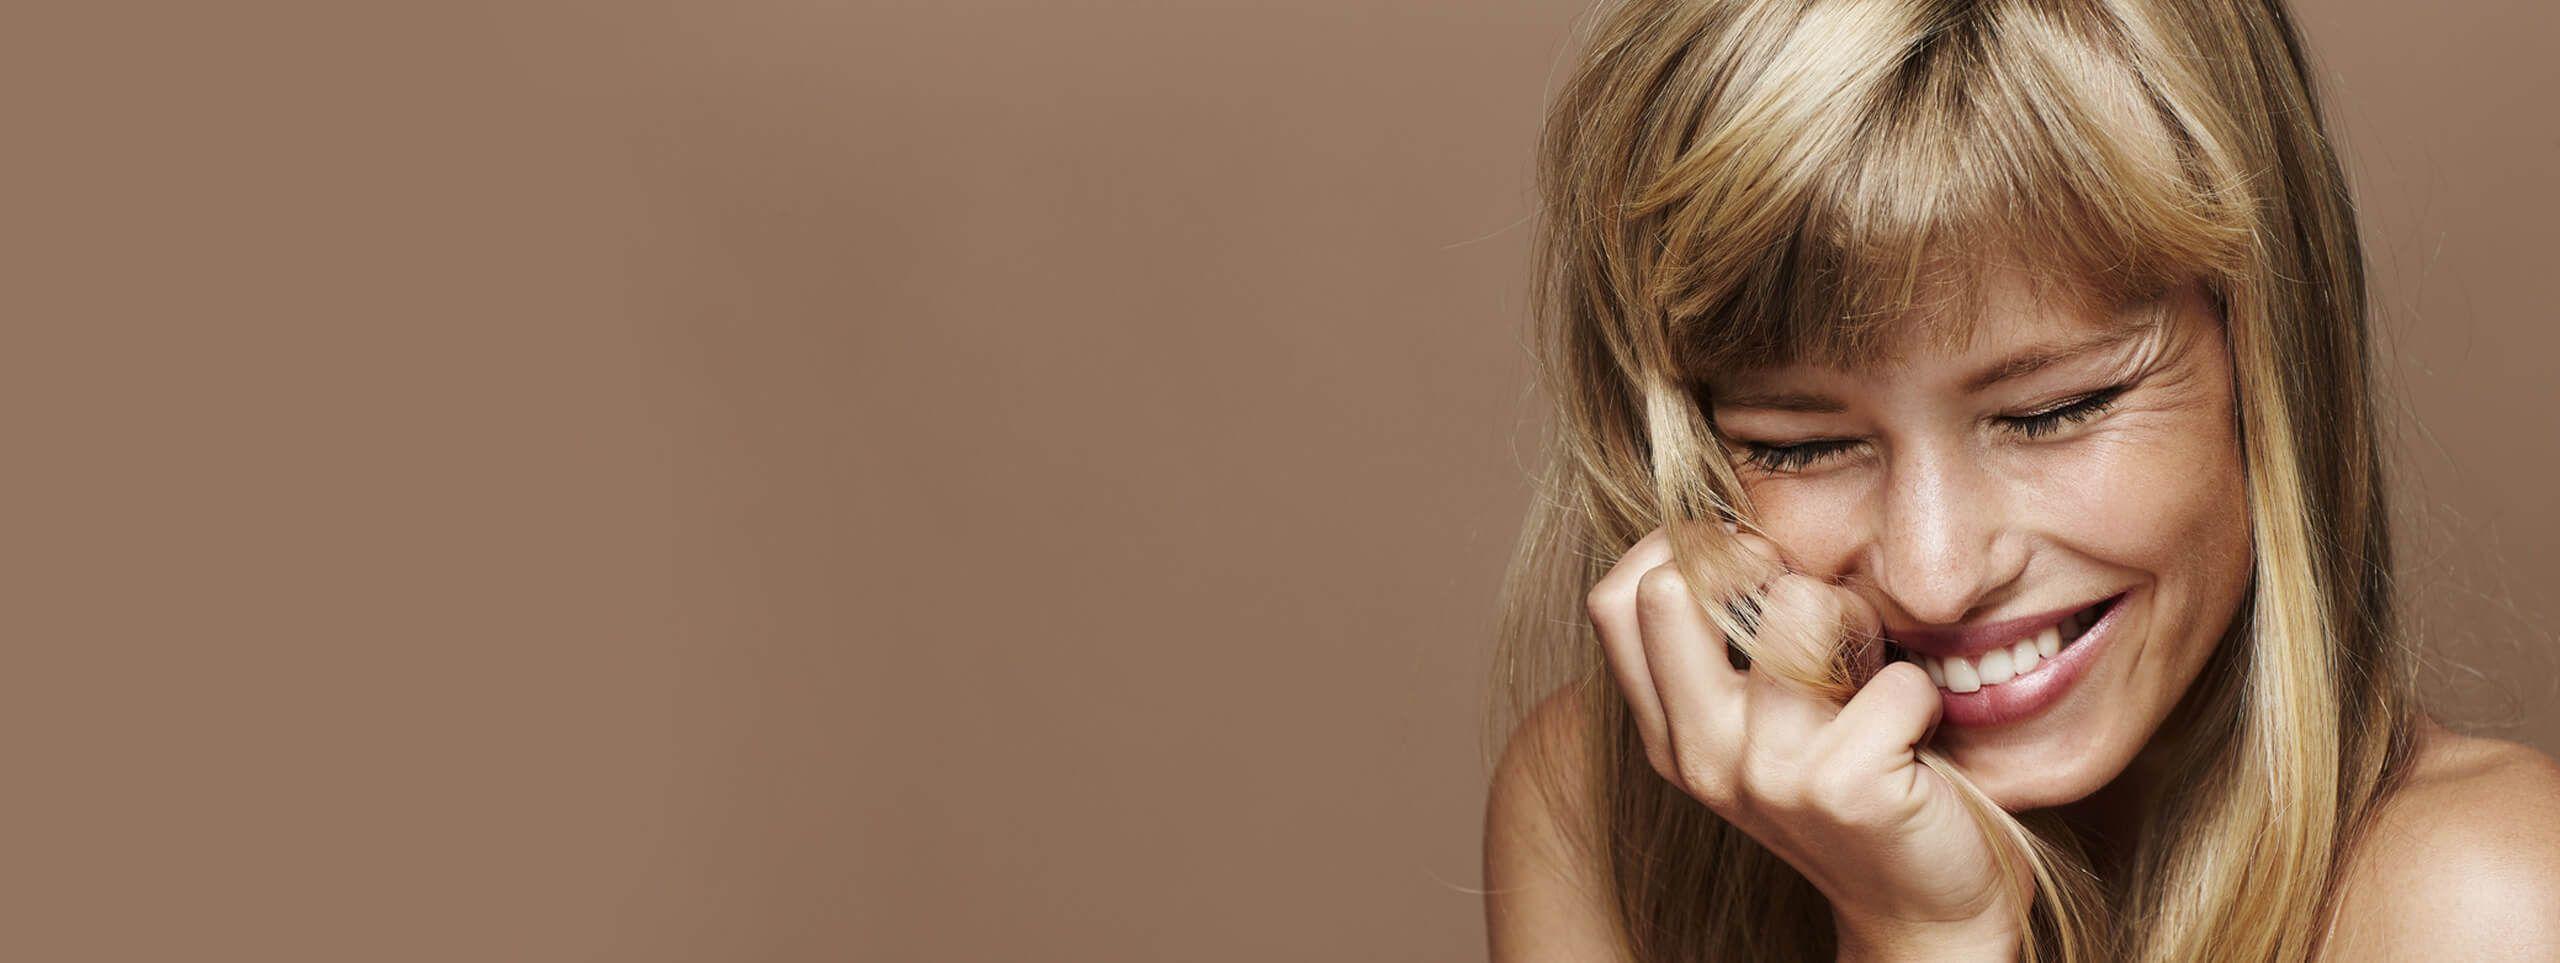 Donna con capelli biondi lunghi che ride